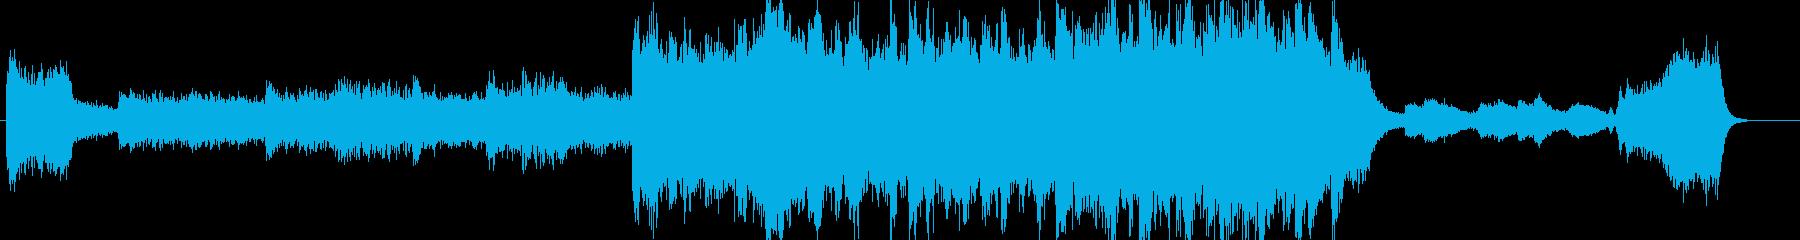 悪・恐ろしい雰囲気のオーケストラジングルの再生済みの波形